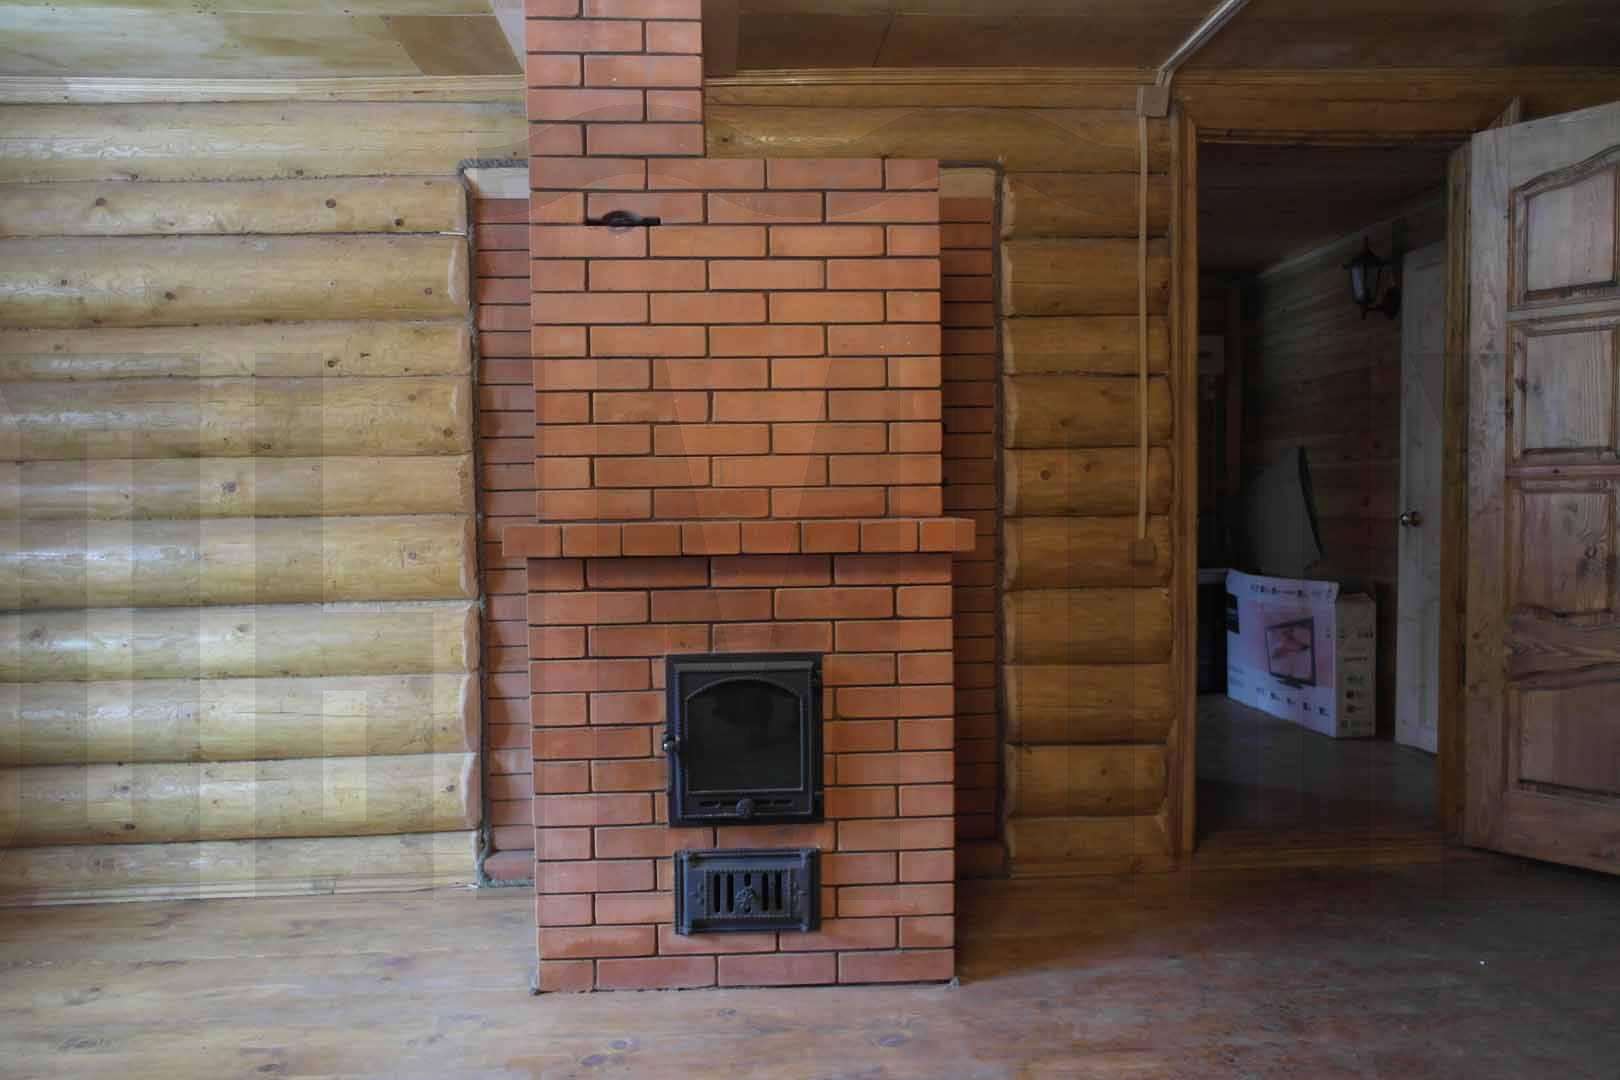 Отопление для дома – просто, быстро и красиво. чем хороша установка печи-камина?